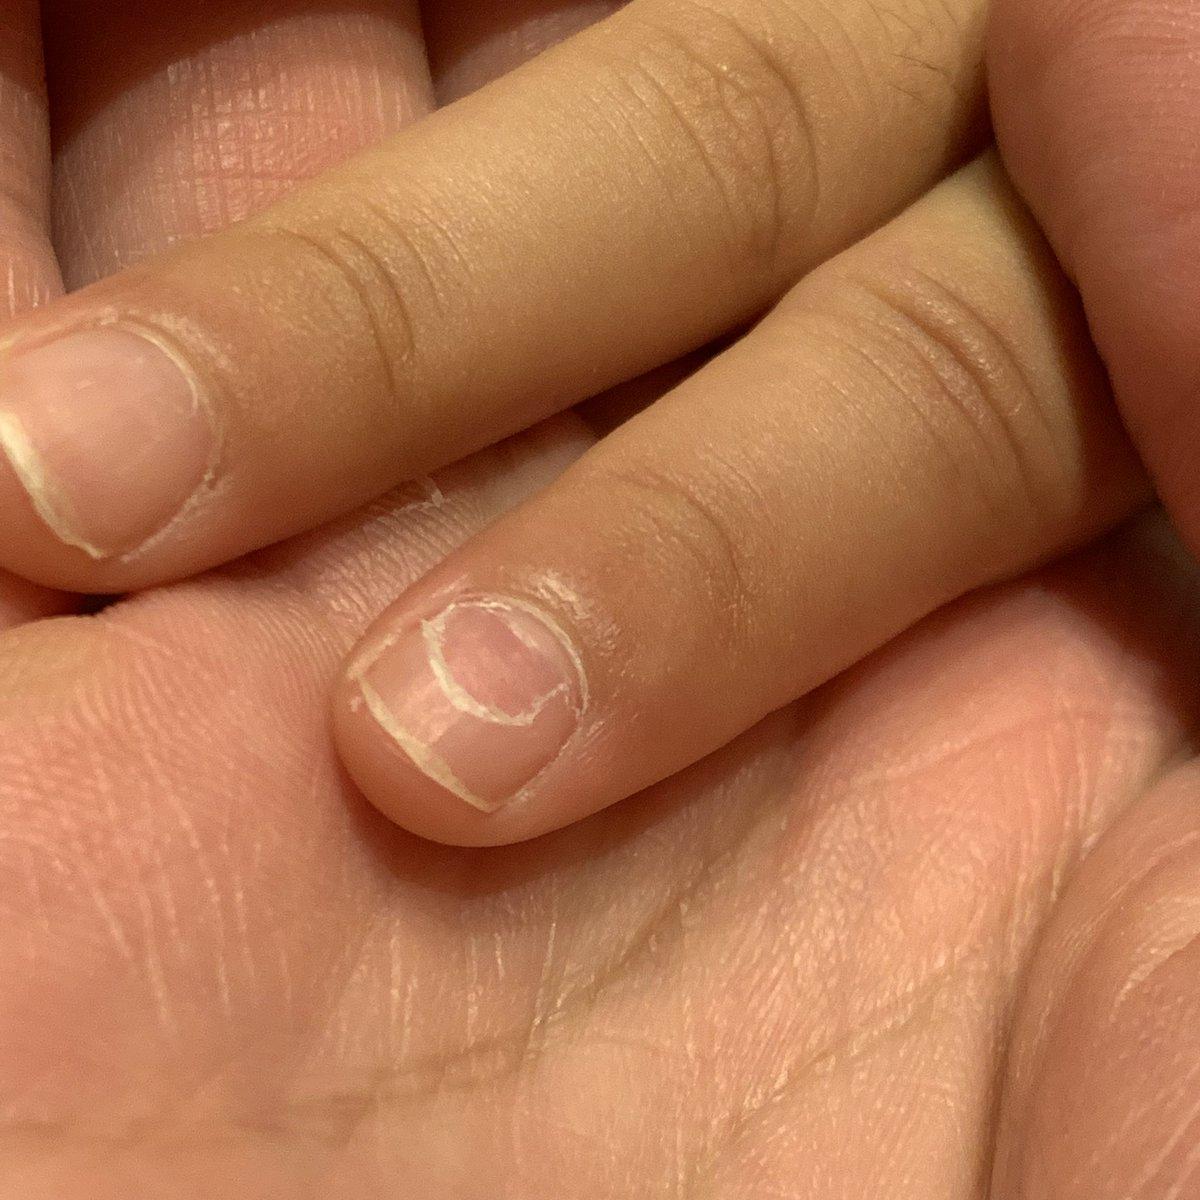 の た が 爪 剥がれ 足 親指 の 転んで足の親指の爪が剥がれて抜いた話【写真ナシ】